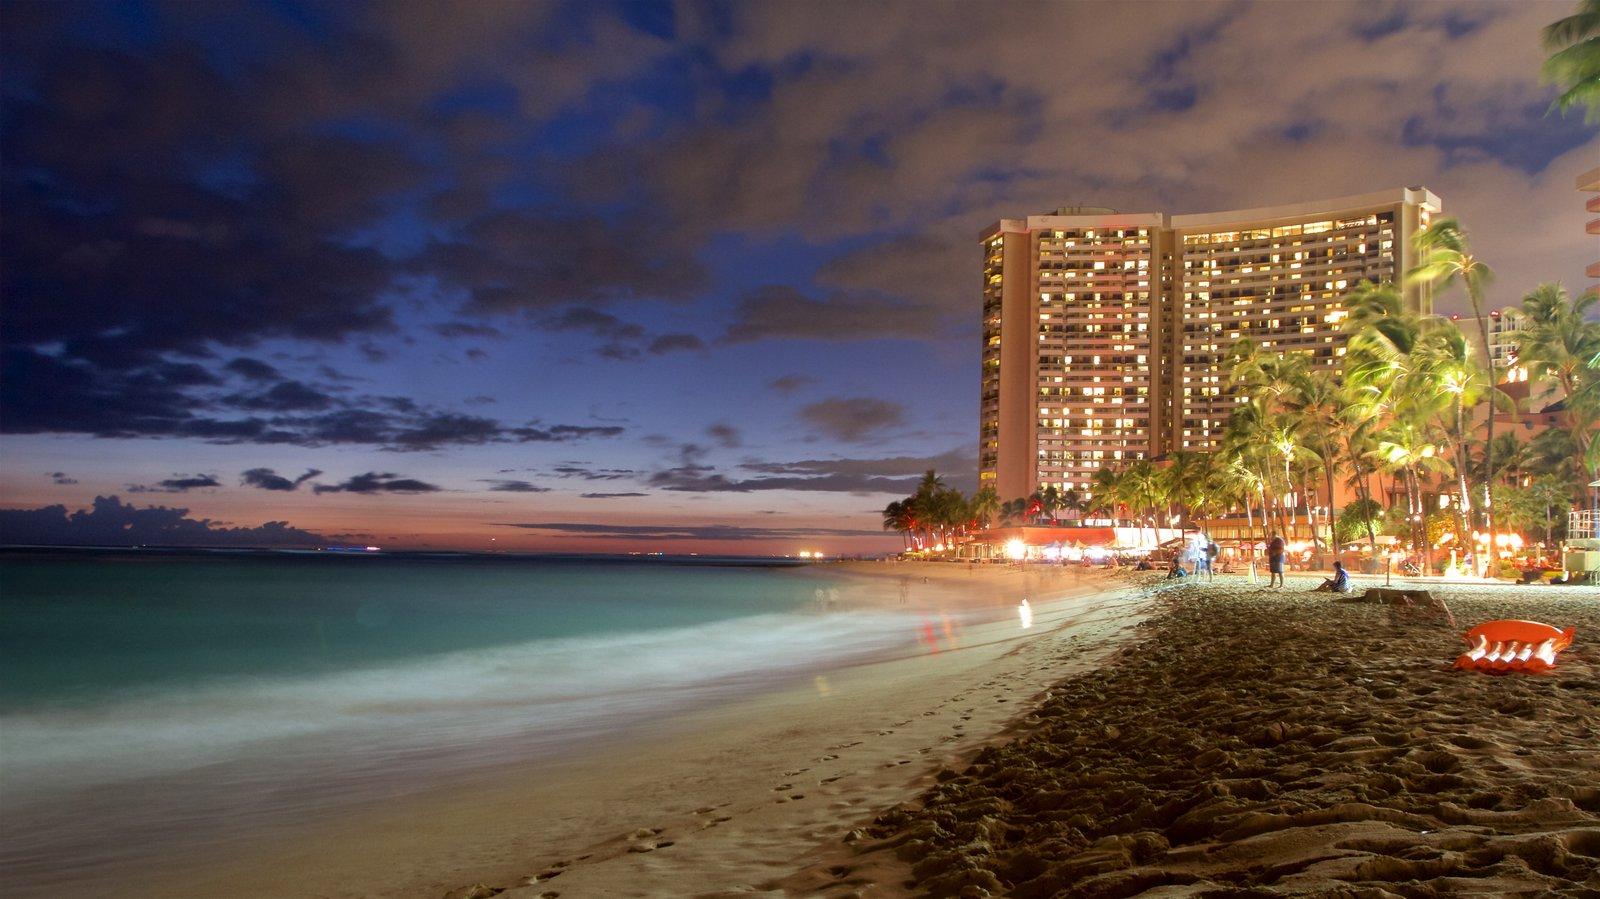 Waikiki Beach mostrando escenas nocturnas, vistas generales de la costa y una playa